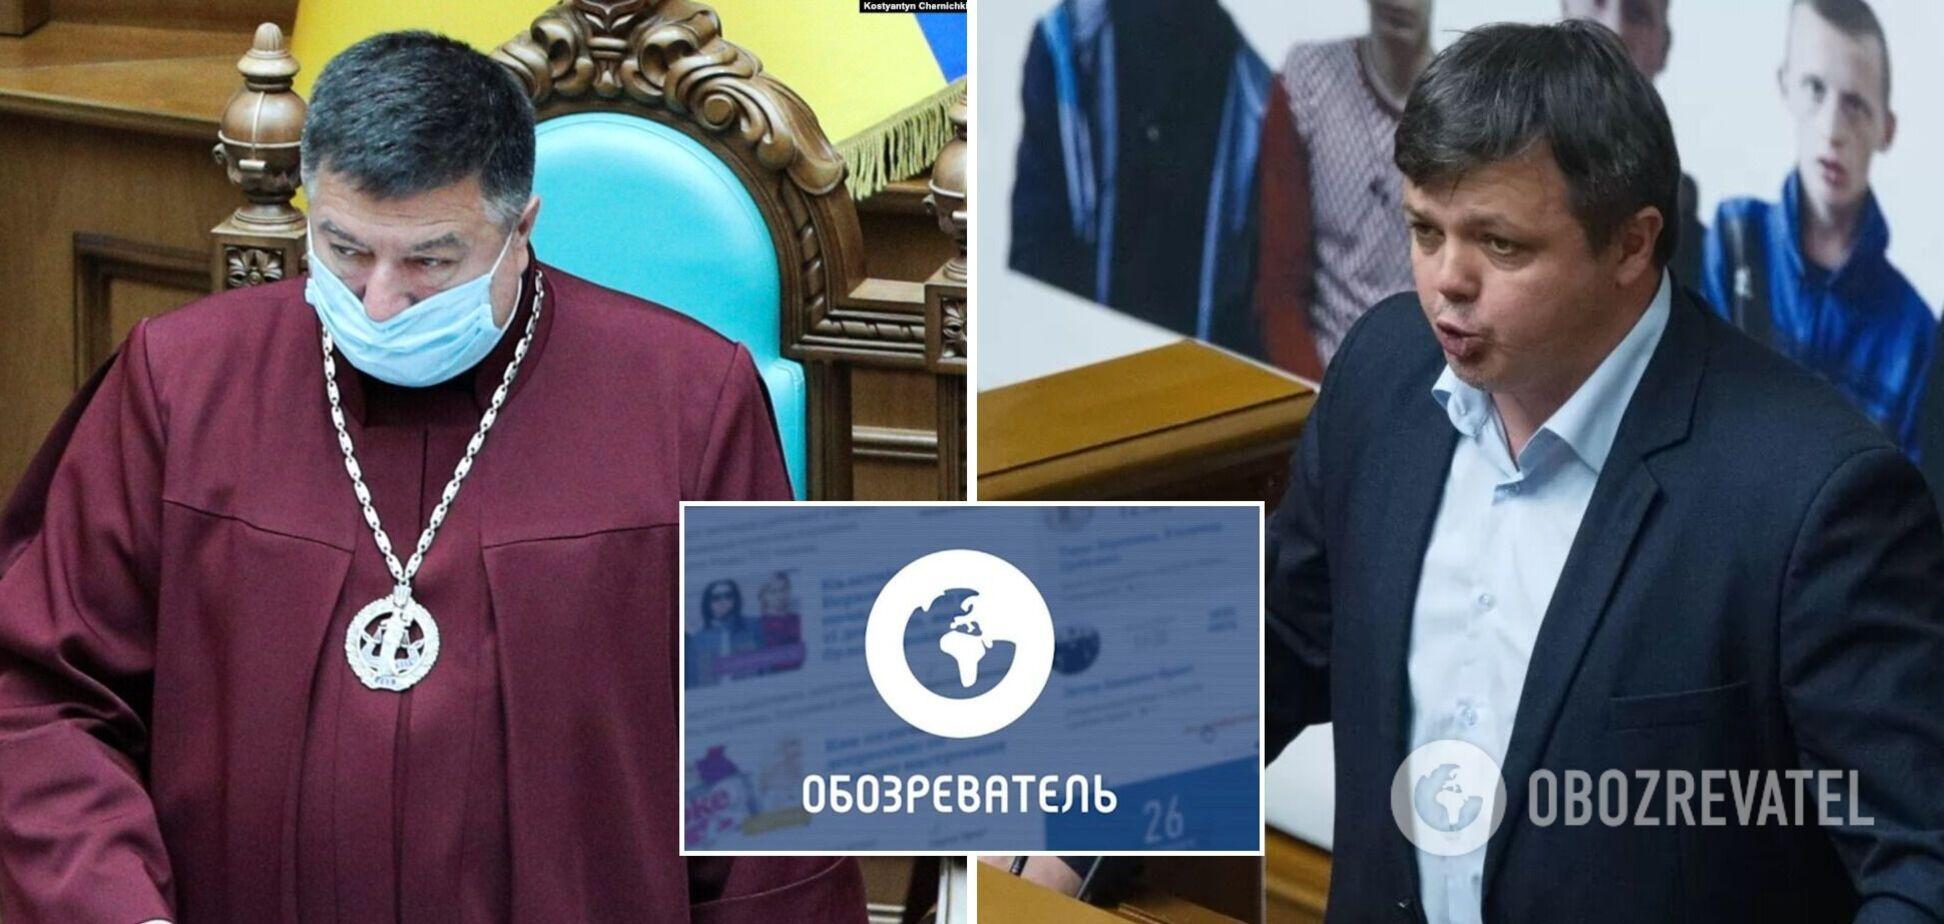 Новини України: Зеленський скасував призначення Тупицького, провал міфу про Семенченка і термінове засідання Ради